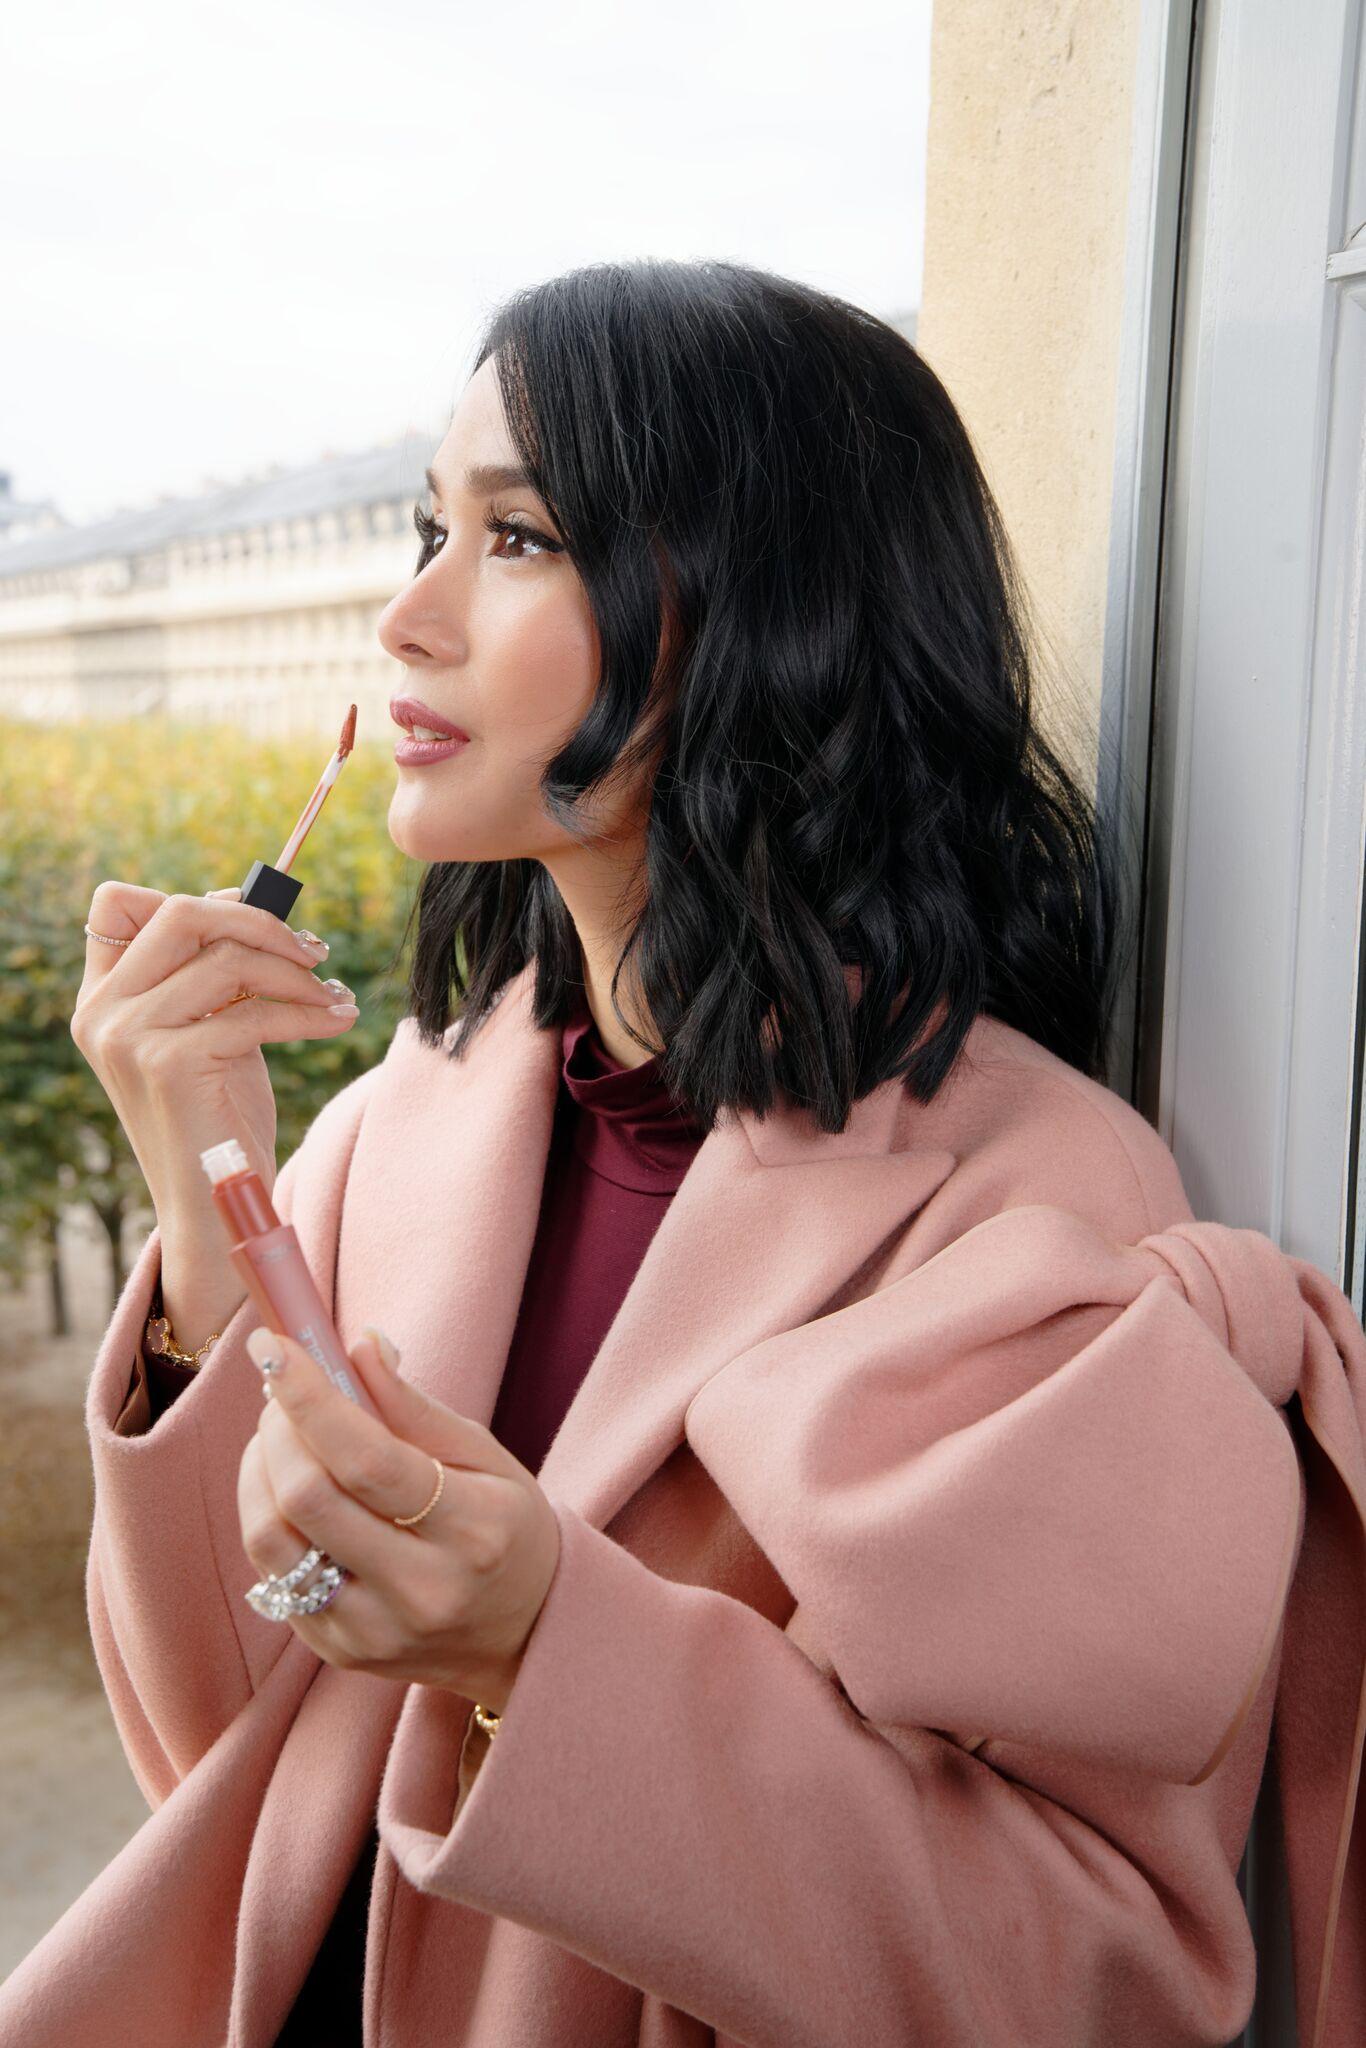 Đệ nhất rich-kid châu Á Evangelista Heart, Mai Davika Hoorne, Kỳ Duyên cùng dàn người đẹp quy tụ tại Paris Fashion Week - Ảnh 1.